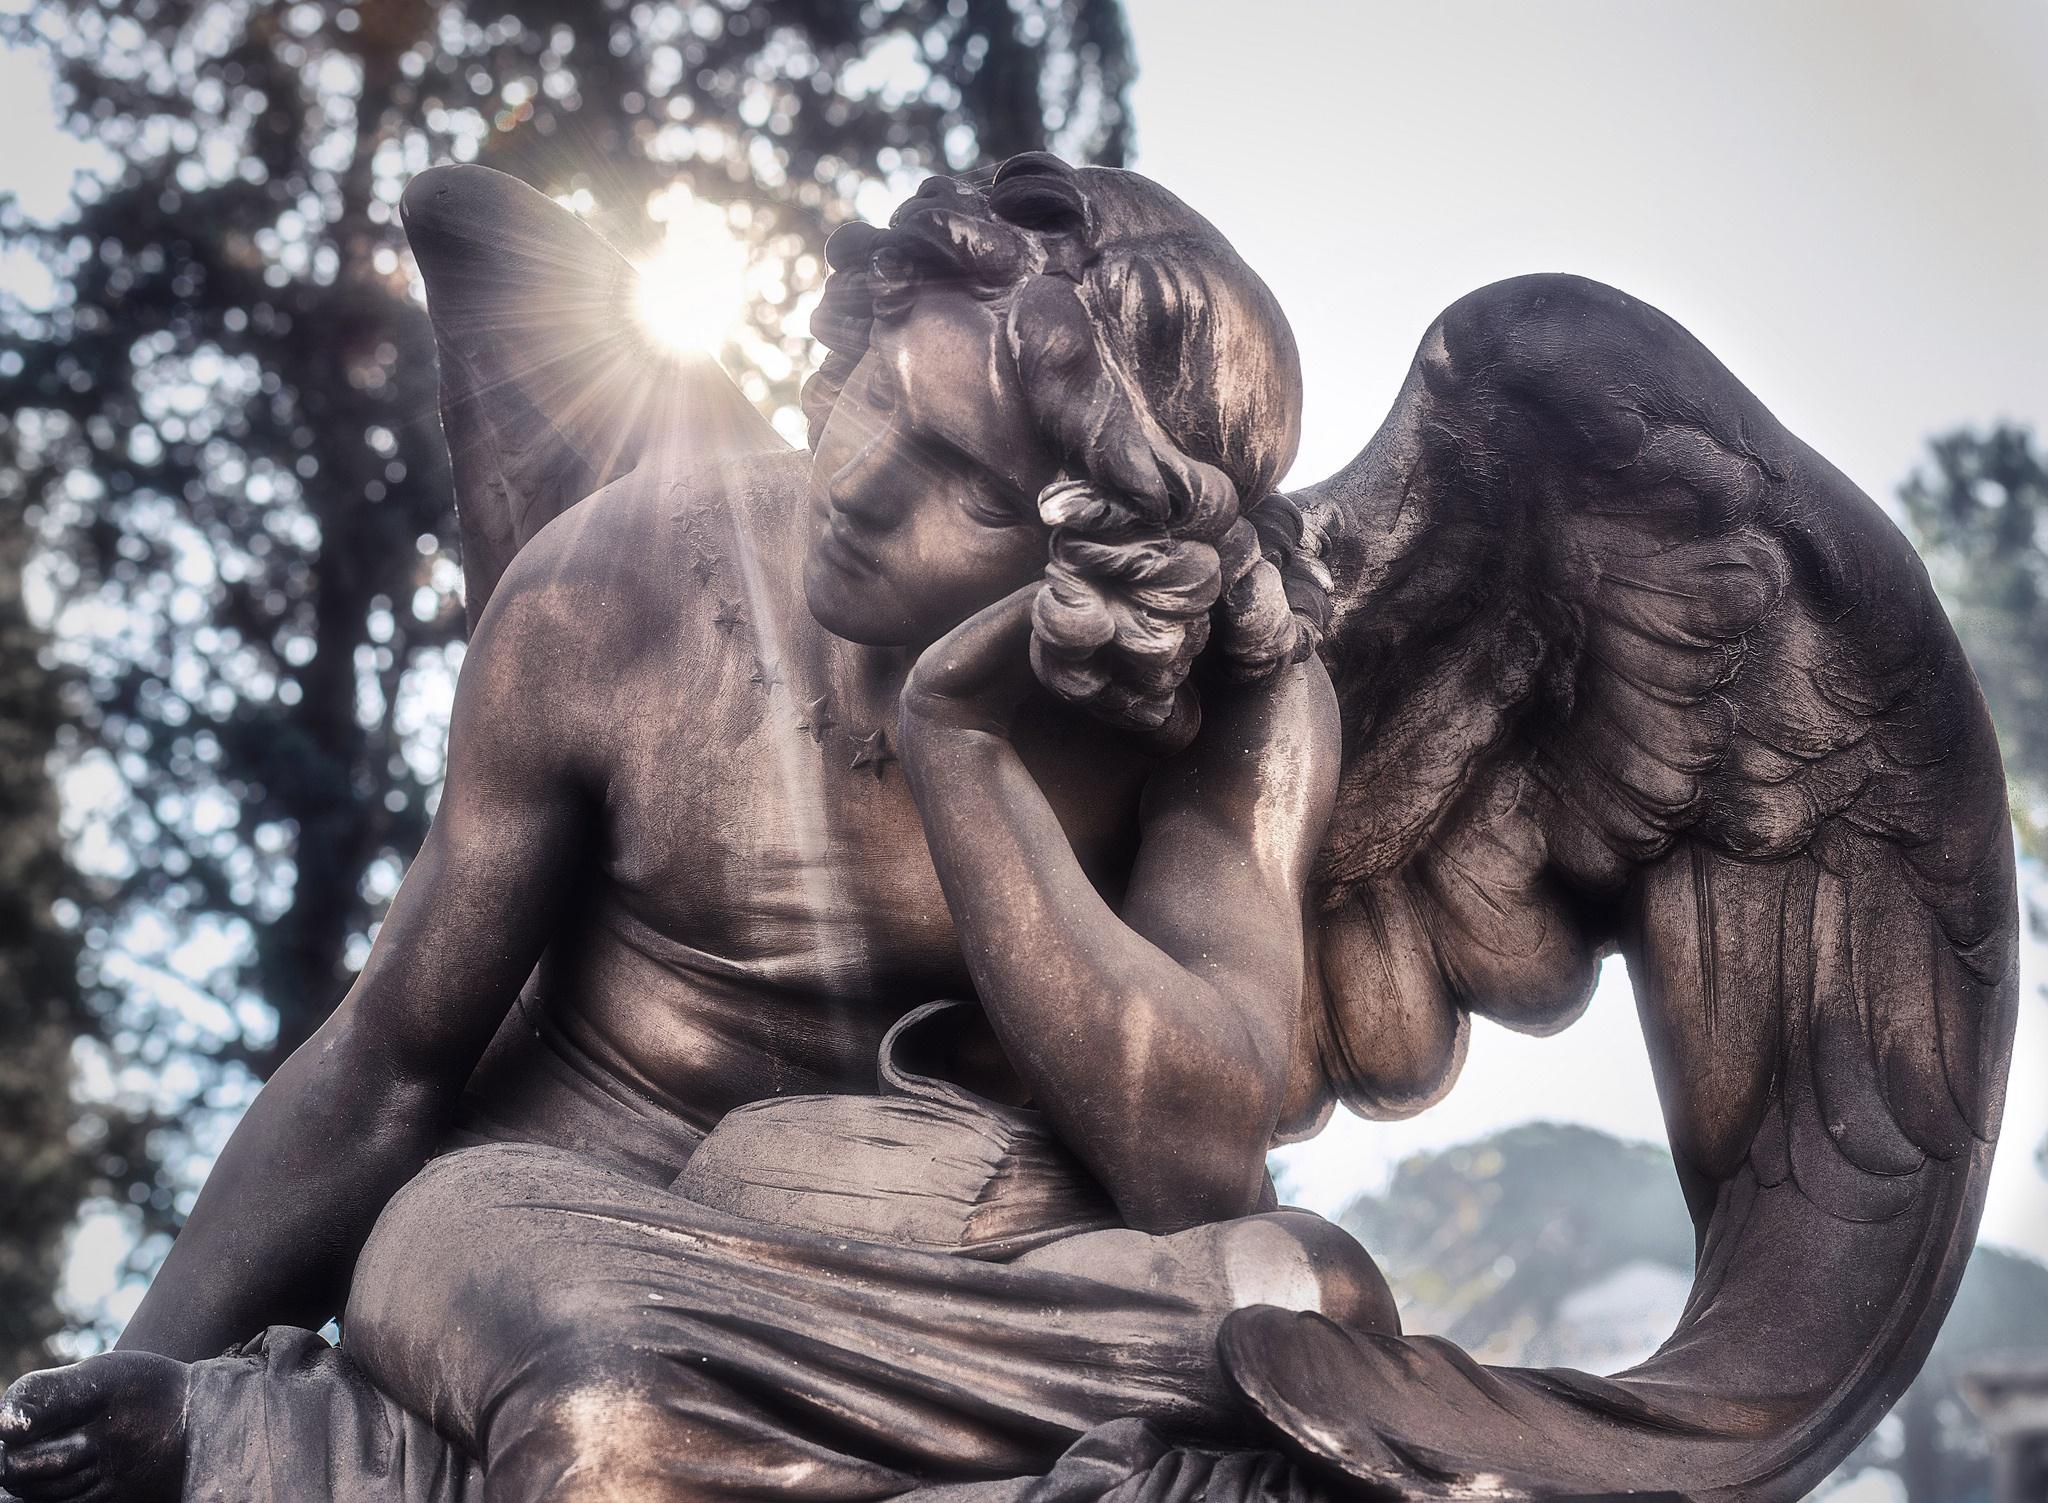 Обои статуя, Человек, Desktopography, ночь. Разное foto 17